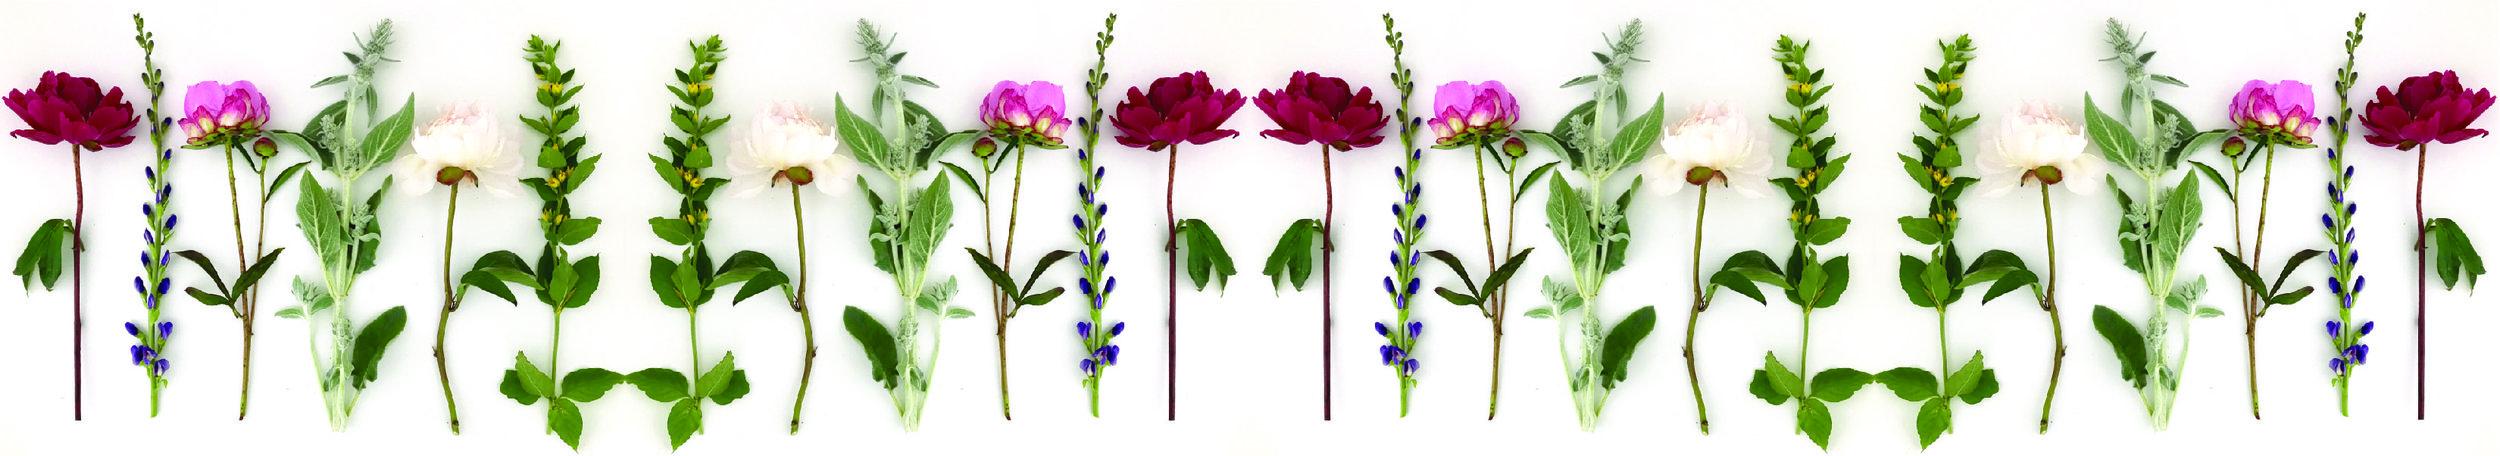 HJF Website Flower Border 2.jpg